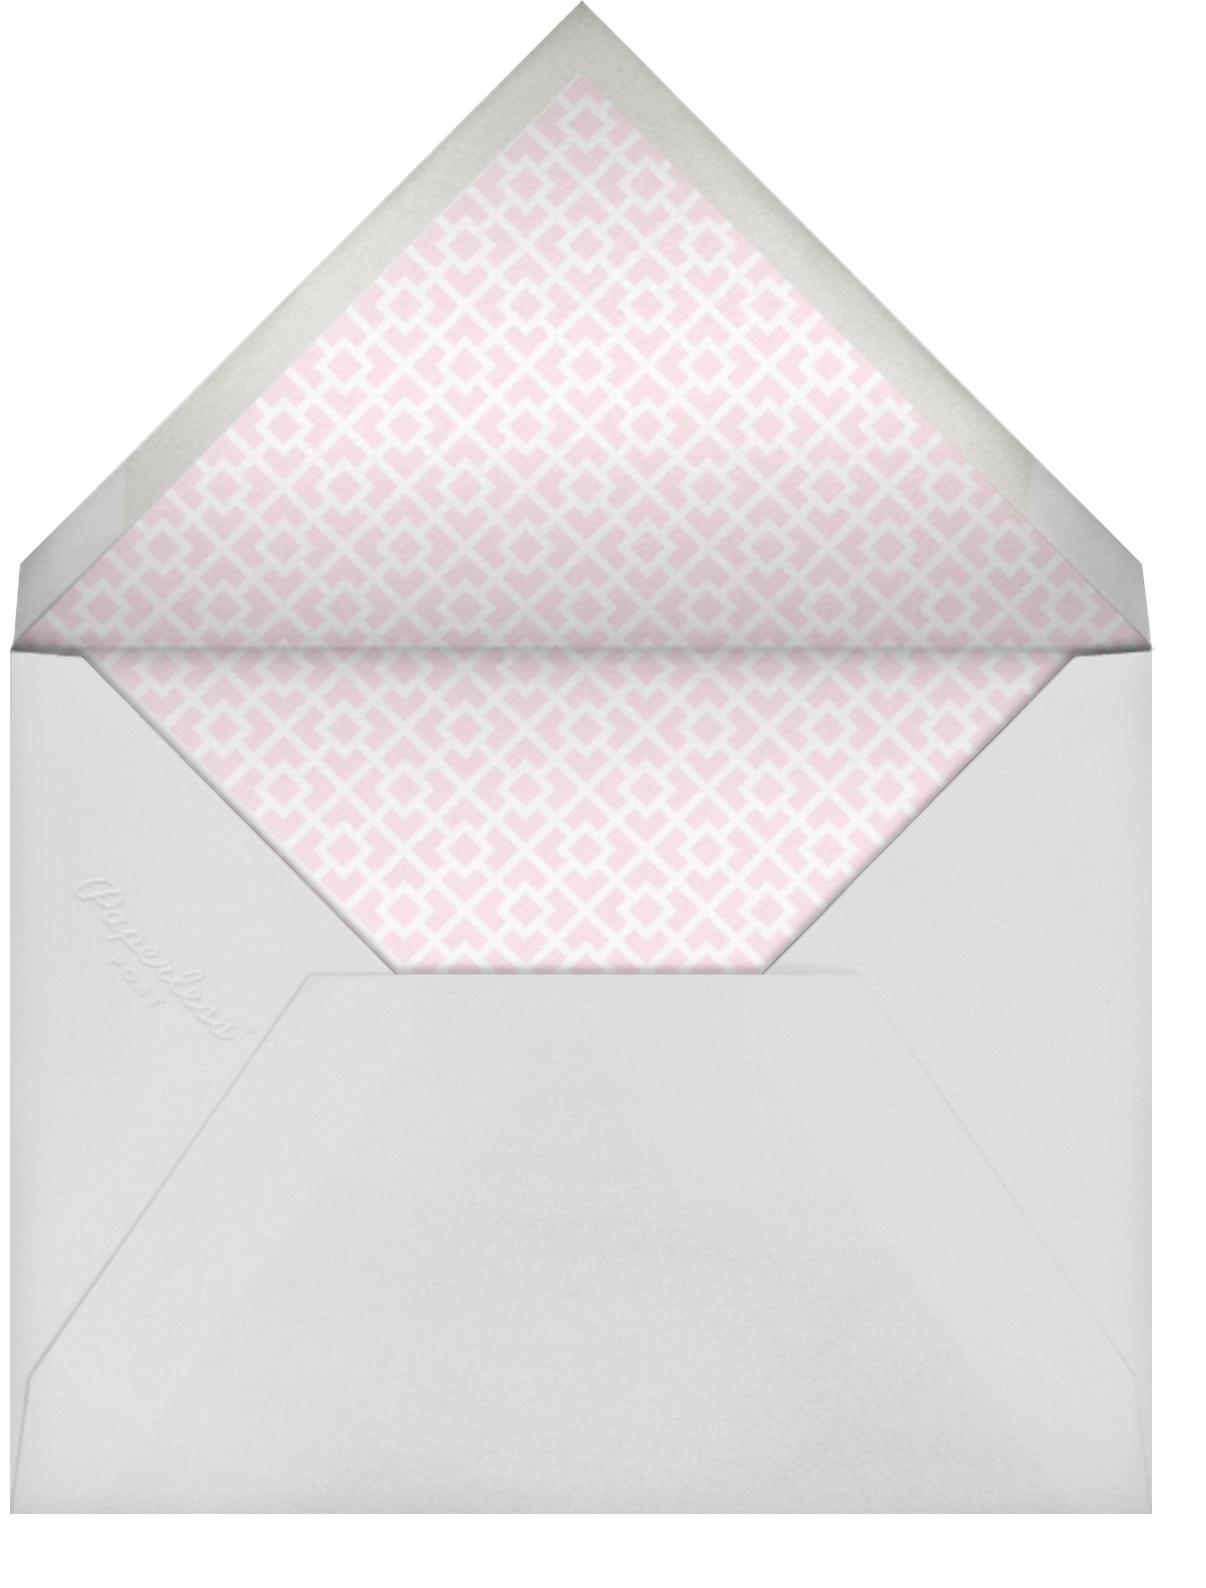 Nixon (Photo) - Pink - Jonathan Adler - Envelope